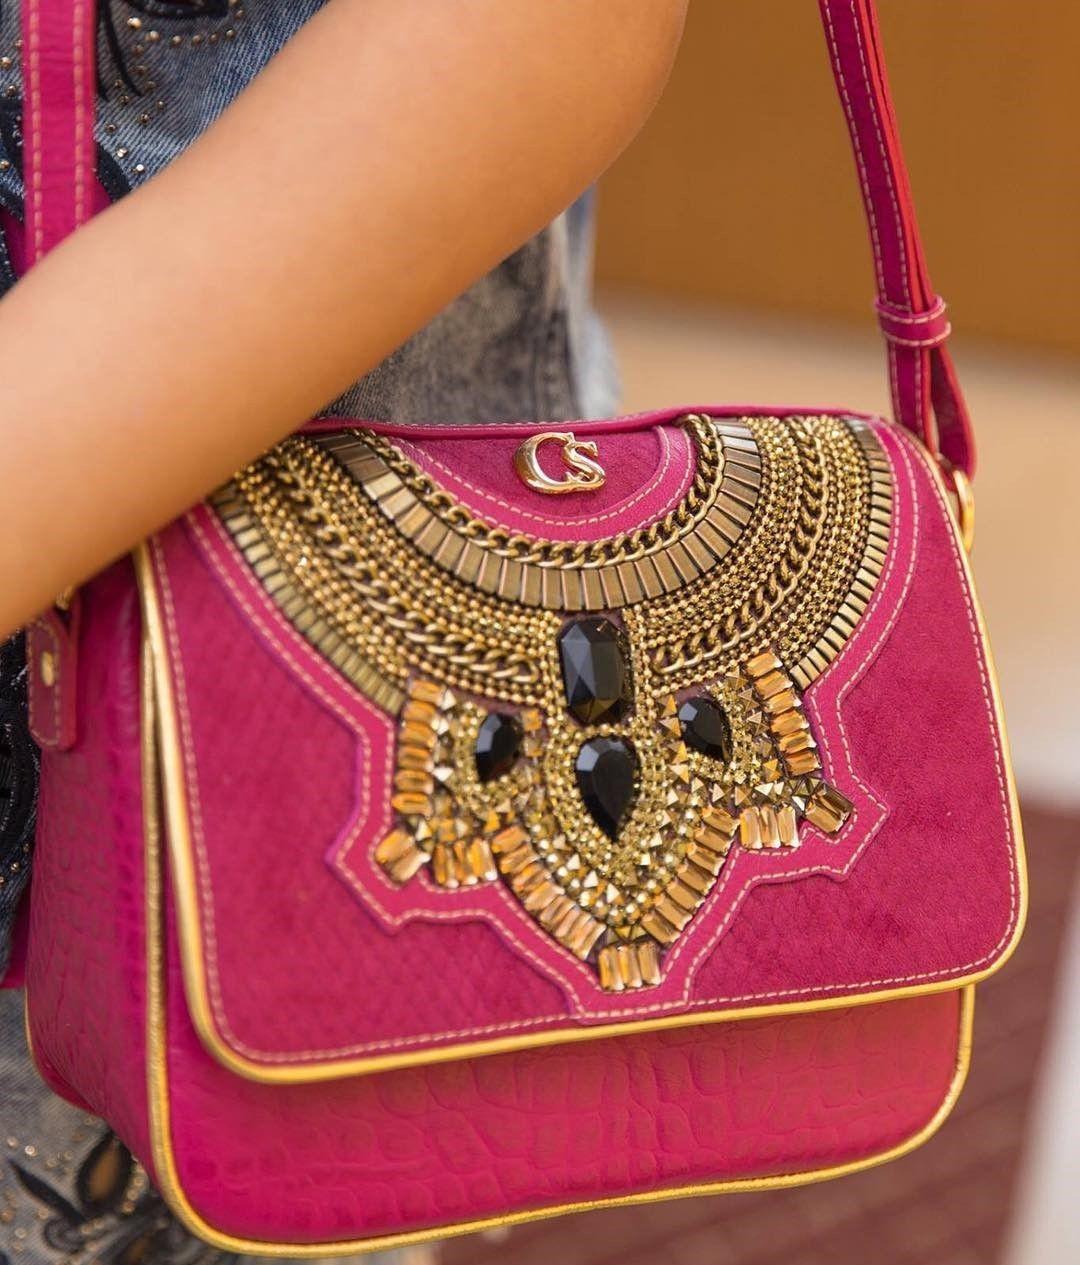 4fa84acd0f2 Bolsa PINK Carmen Steffens com bordados riquíssimos em pedrarias ...